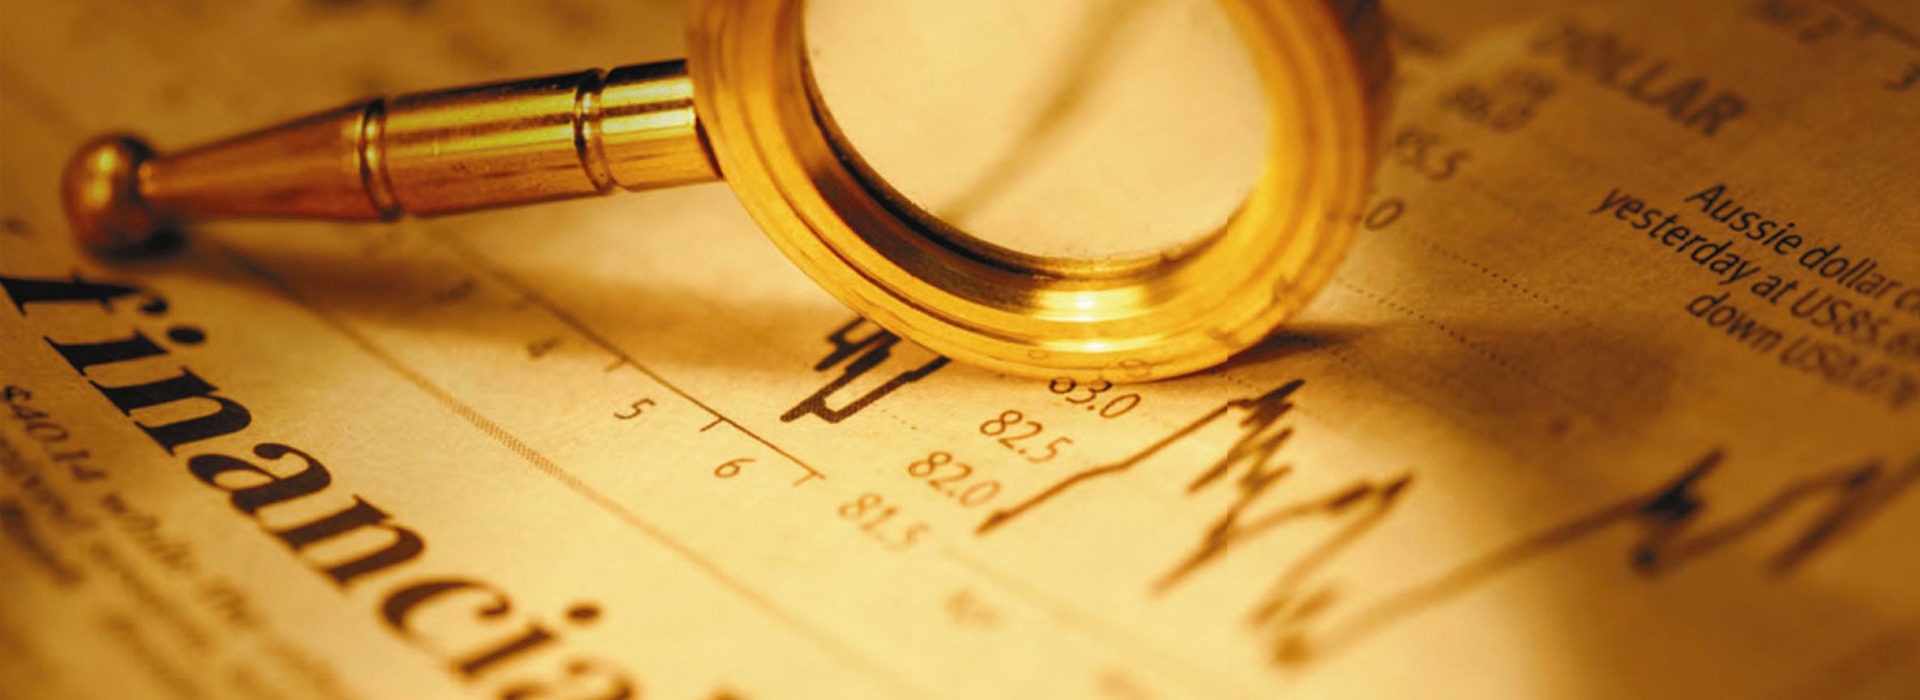 Step by Step <span>Financial Advisory</span>